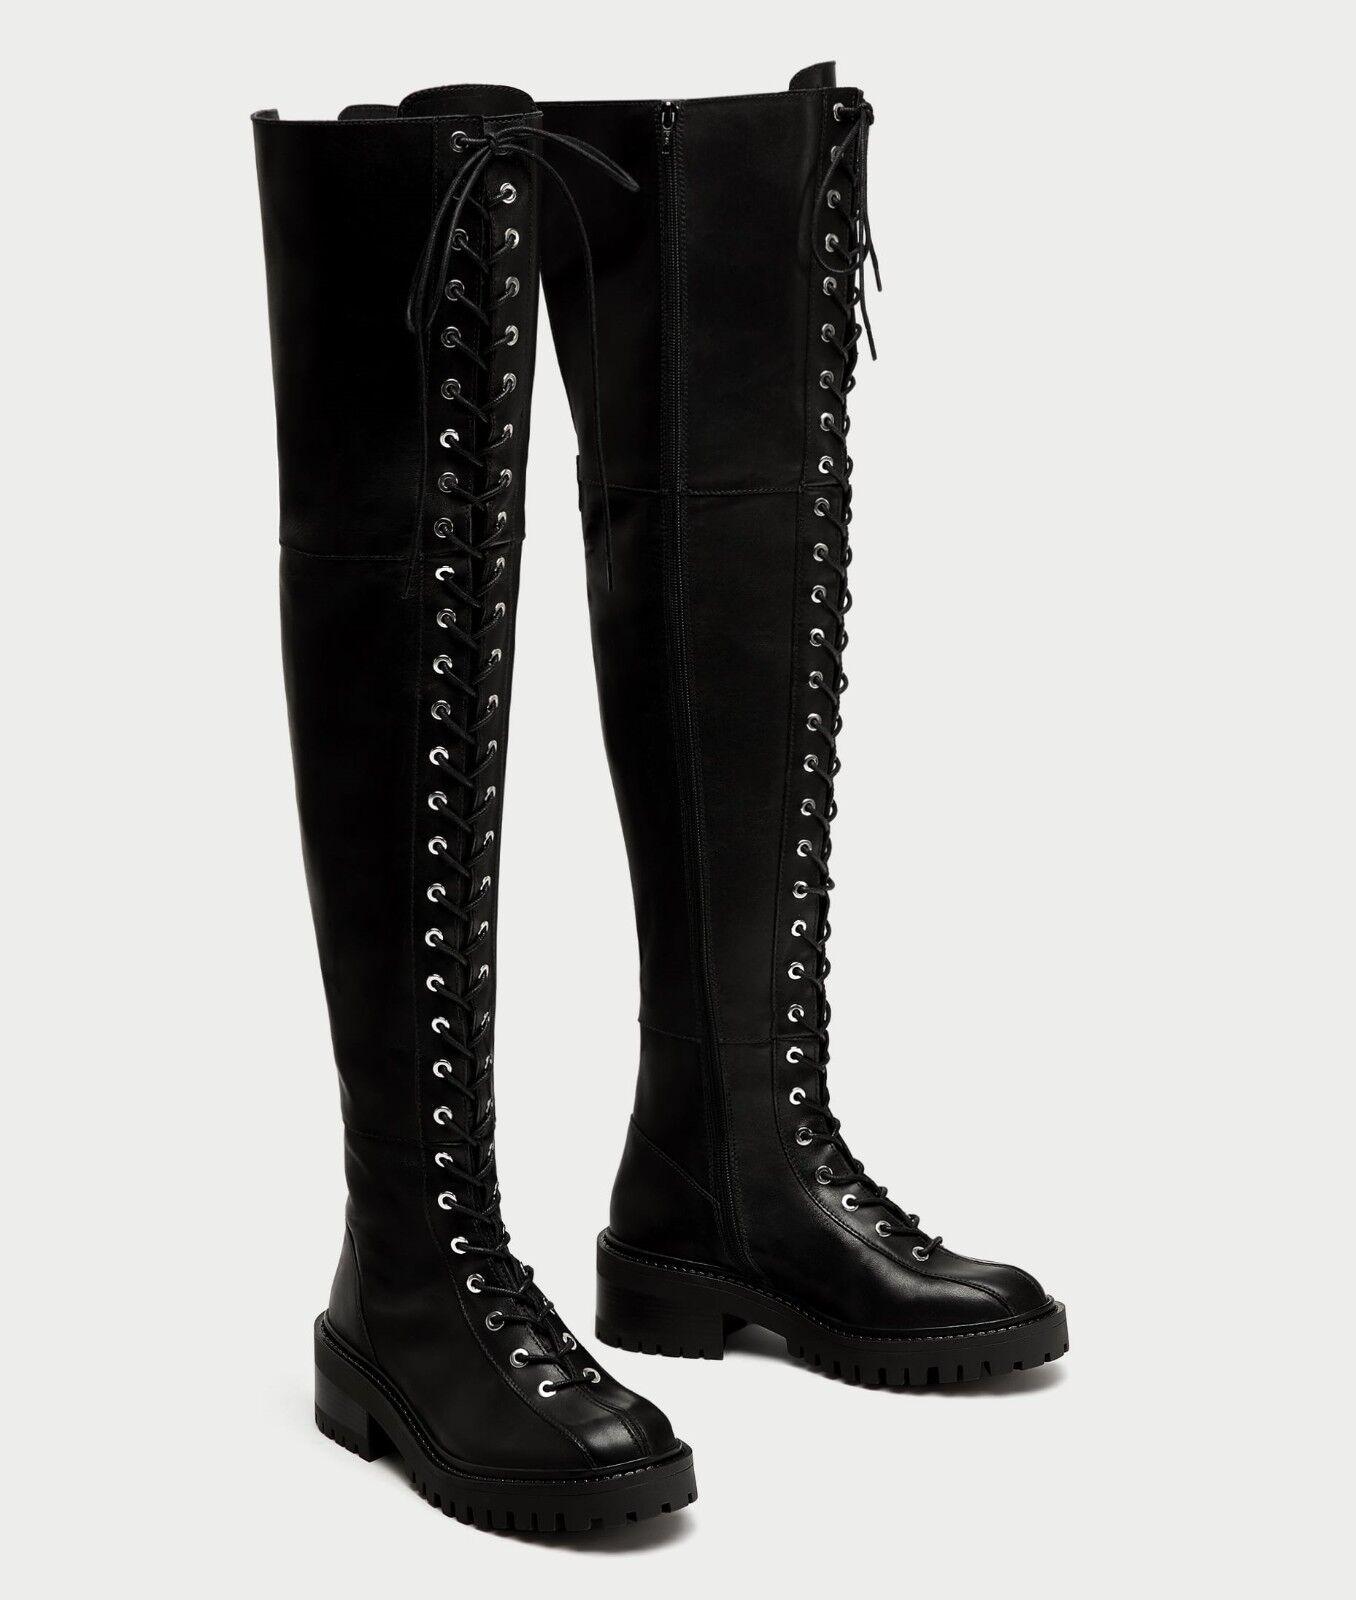 Descuento de la marca Zara Negro Cuero Con la Cordones Tacón Bajo sobre la Con rodilla botas talla UE 37 EE. UU. 6,5 8ad64b